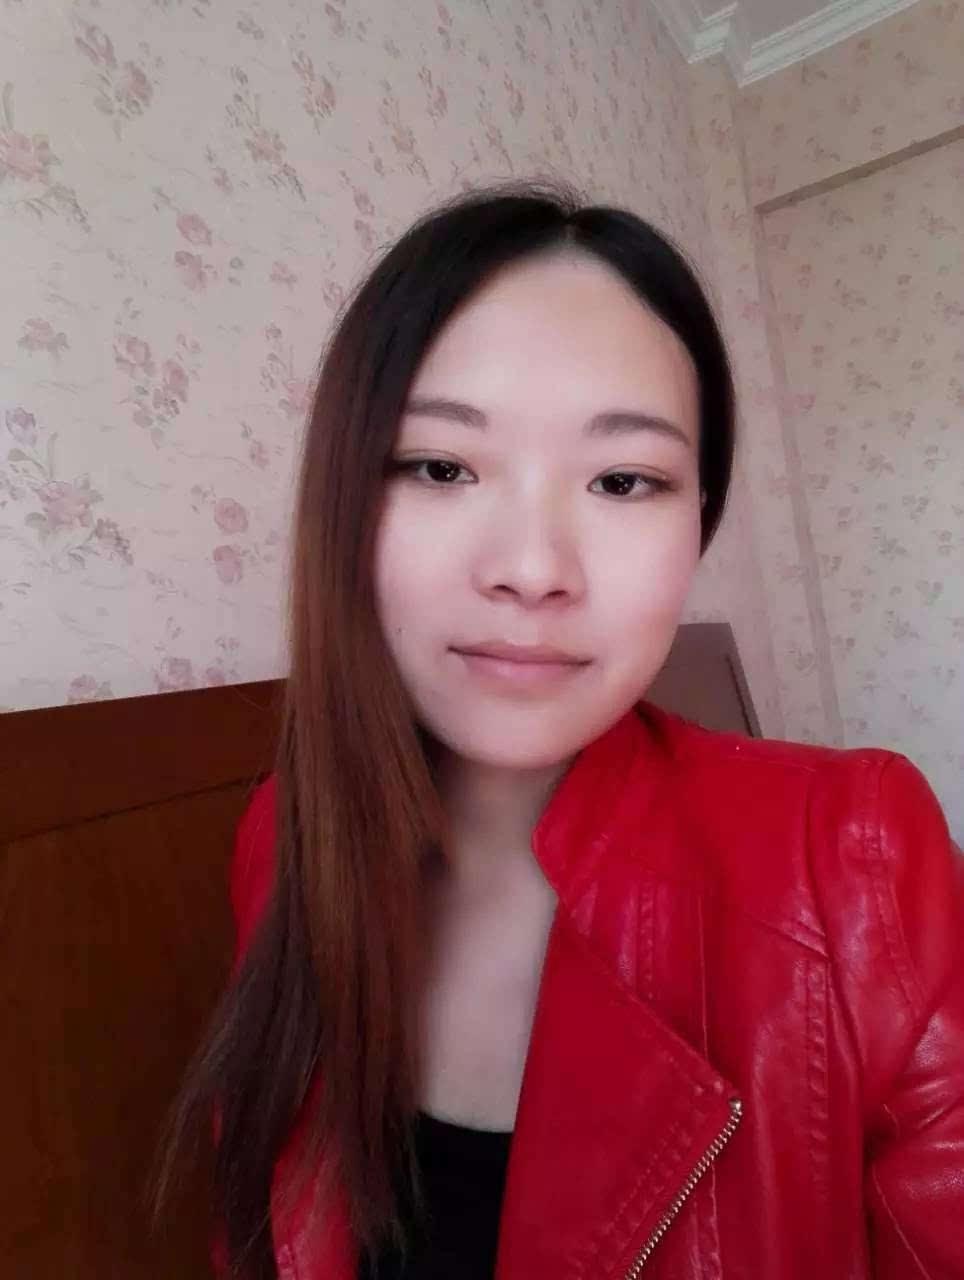 找兴趣|汉川美女设计师武汉v兴趣,老公高雅爱美和美女厂里图片